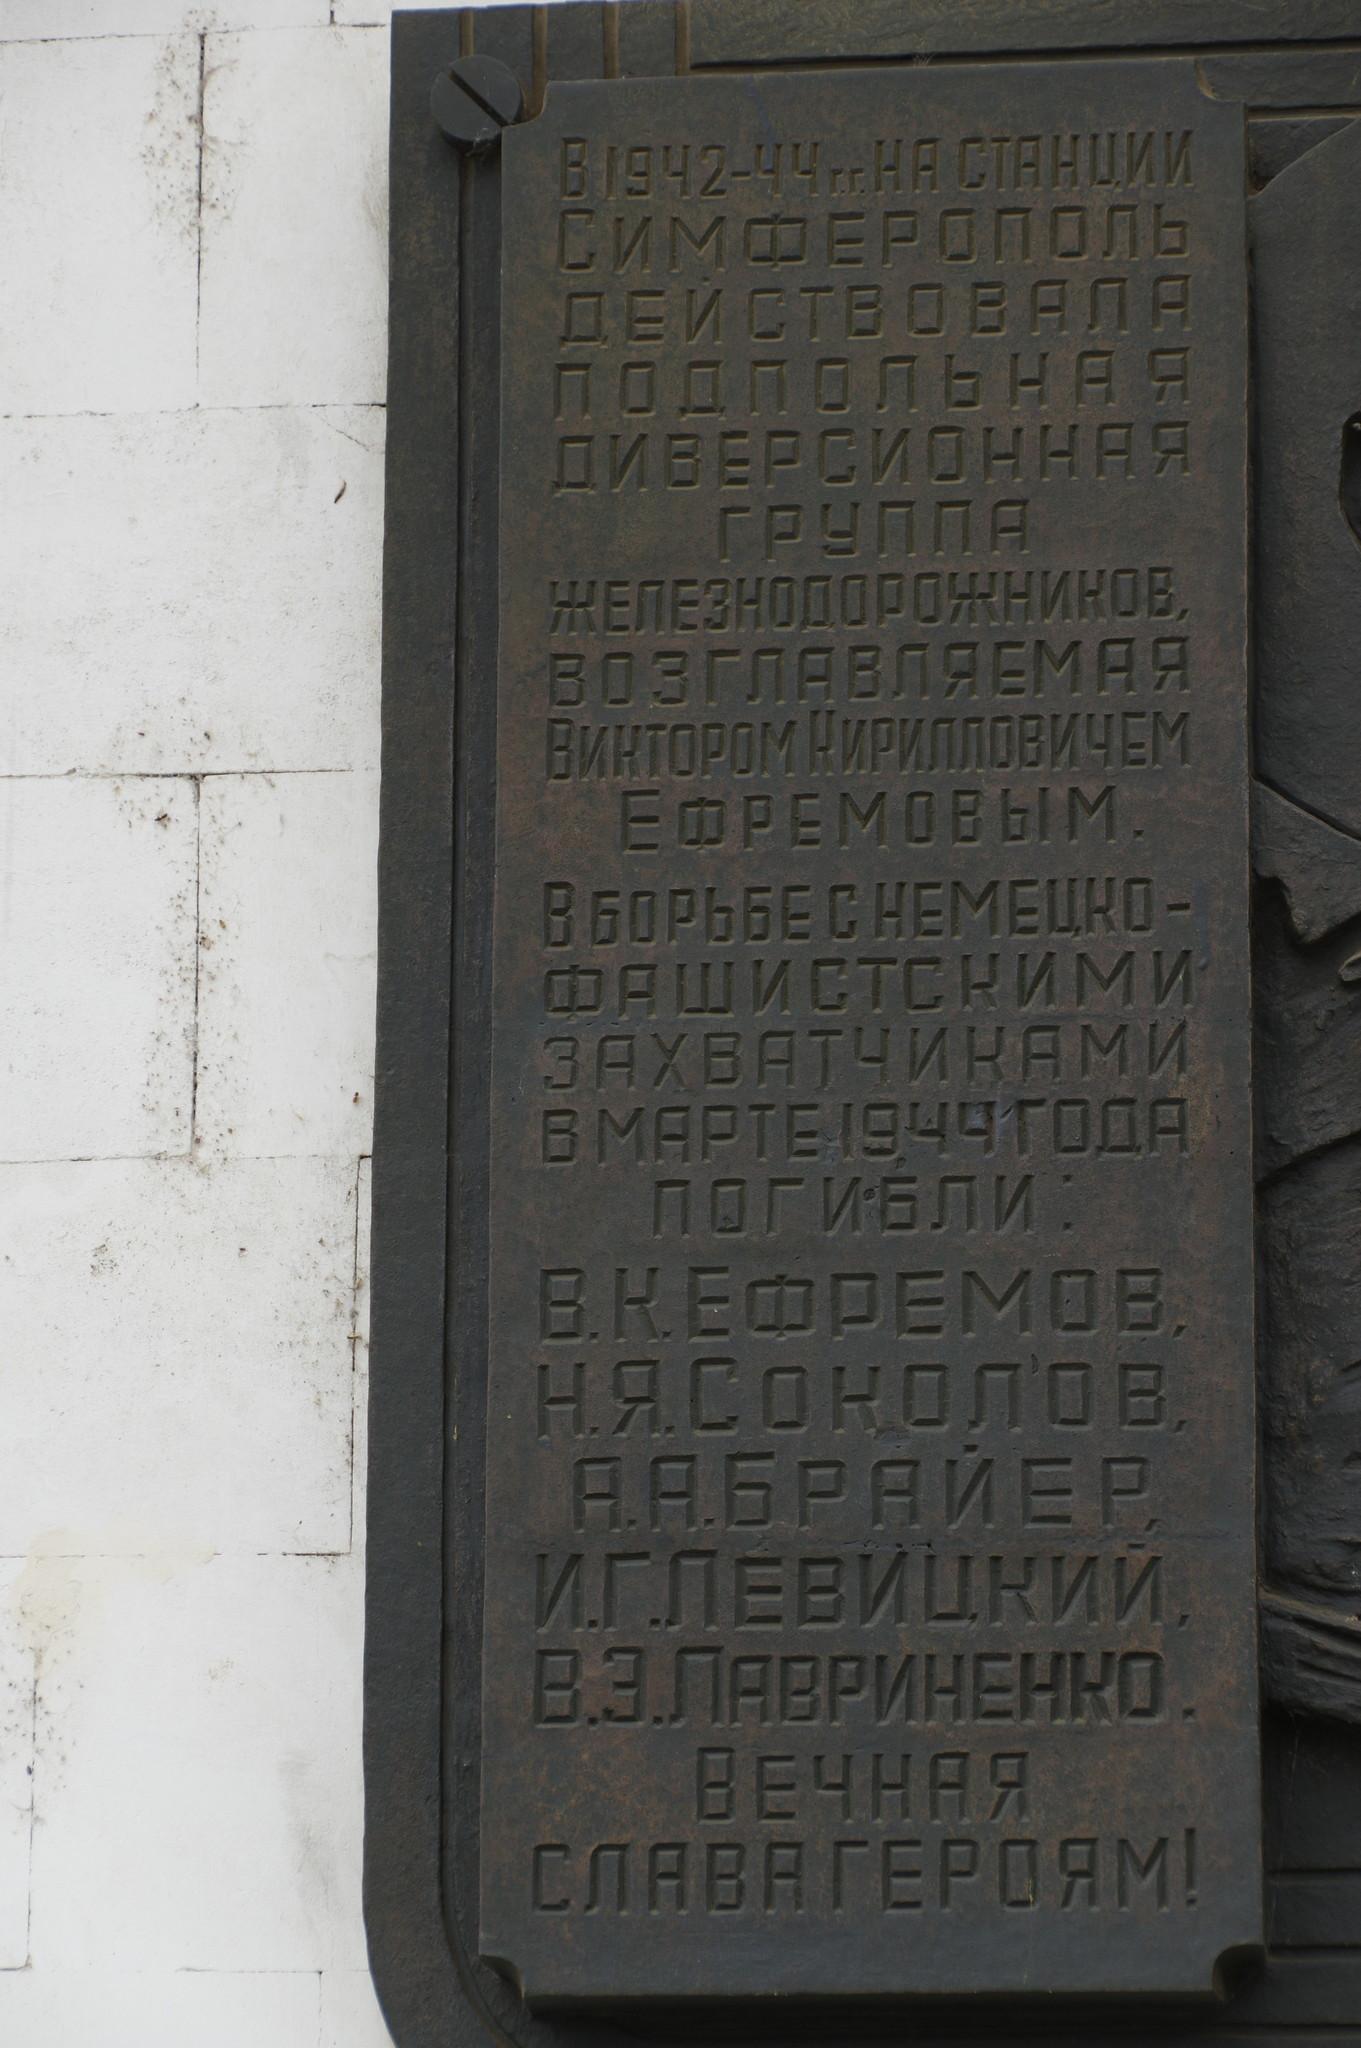 Мемориальный знак в честь подпольной диверсионной группы железнодорожников В.К. Ефремова, которая действовала на станции Симферополь